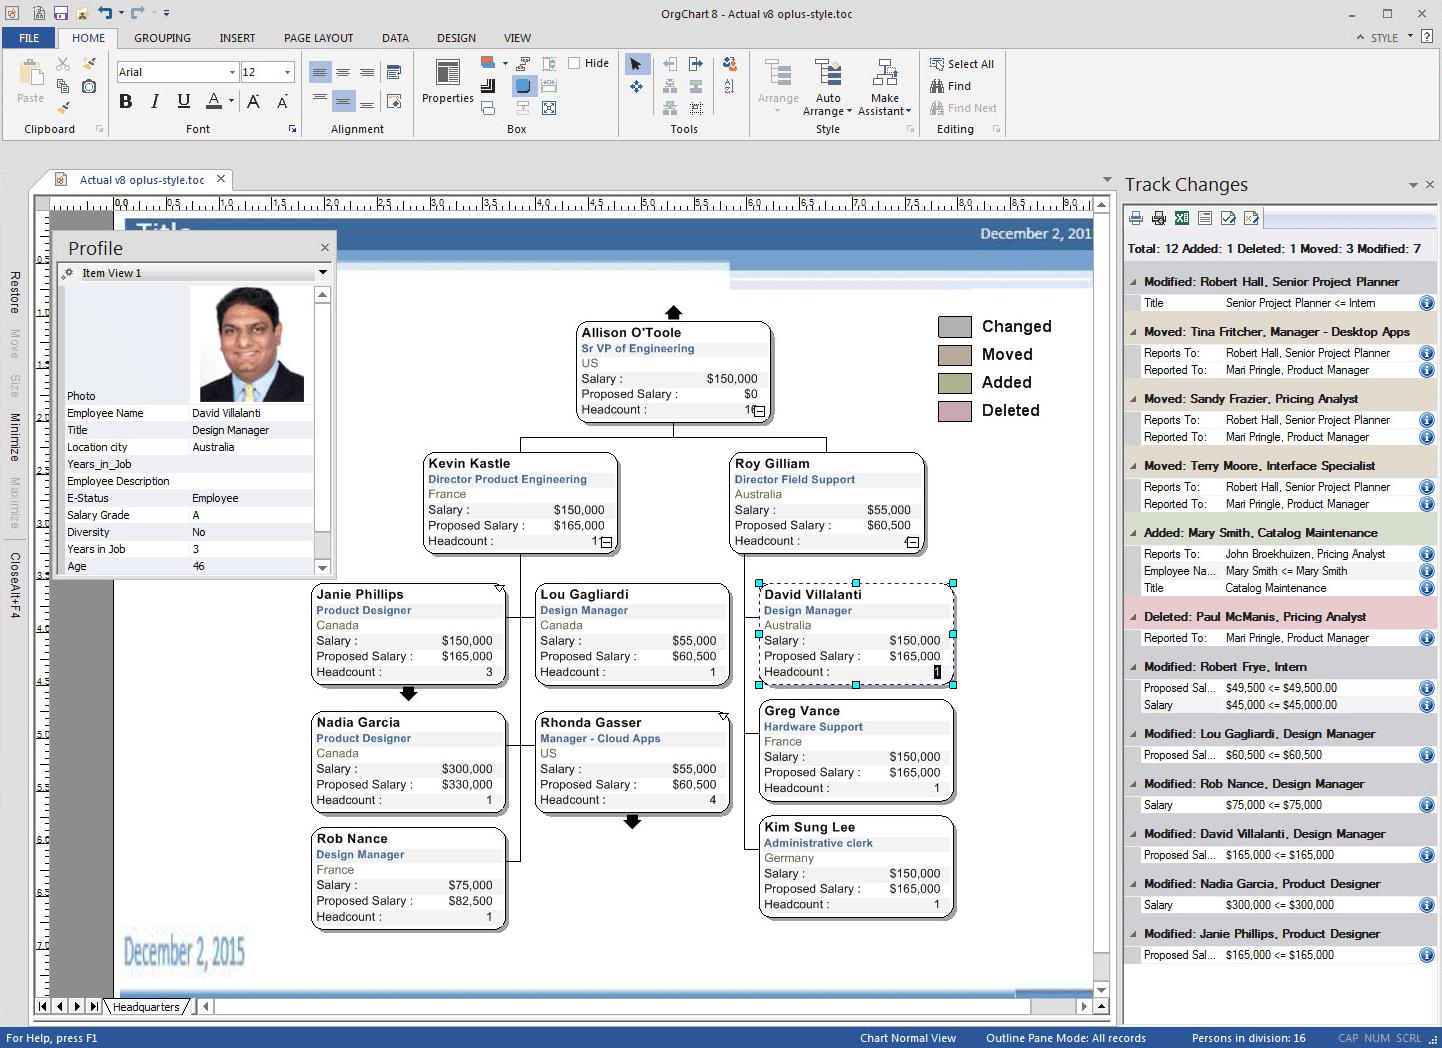 OrgChart employee profile